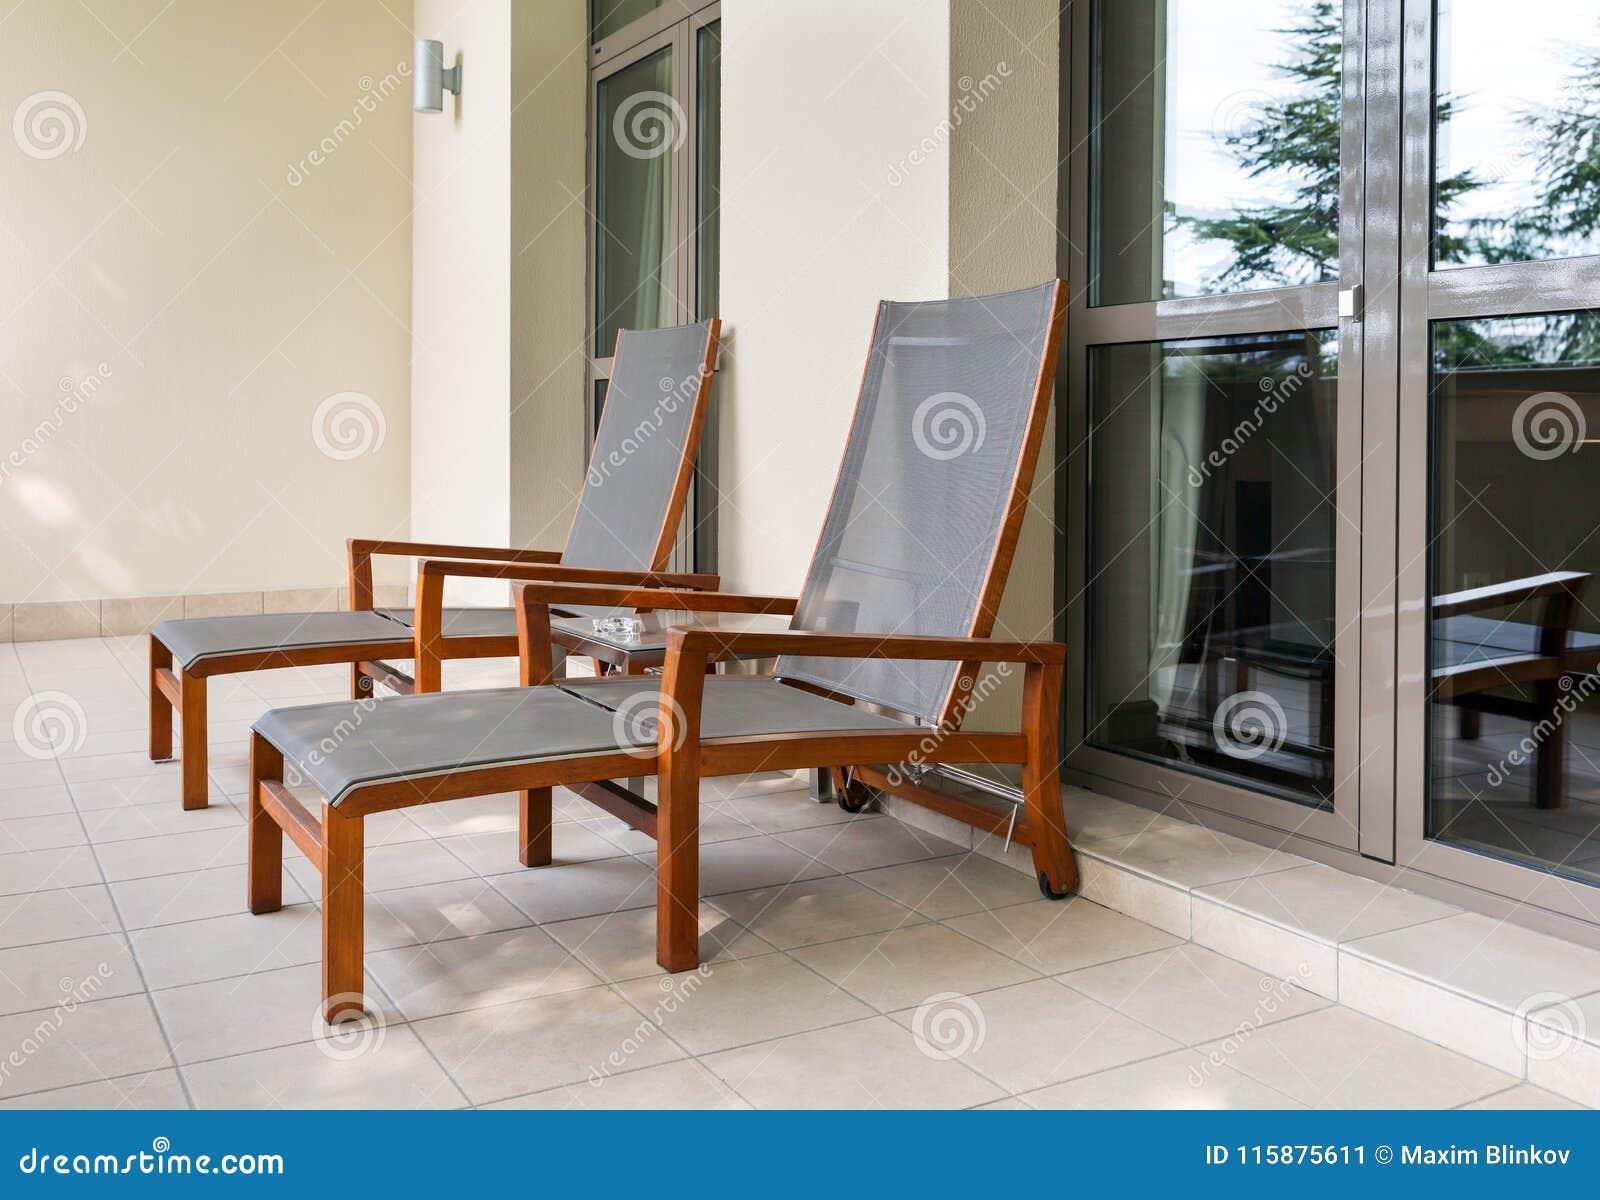 liege zwei auf balkon stockbild bild von loggia freizeit 115875611. Black Bedroom Furniture Sets. Home Design Ideas